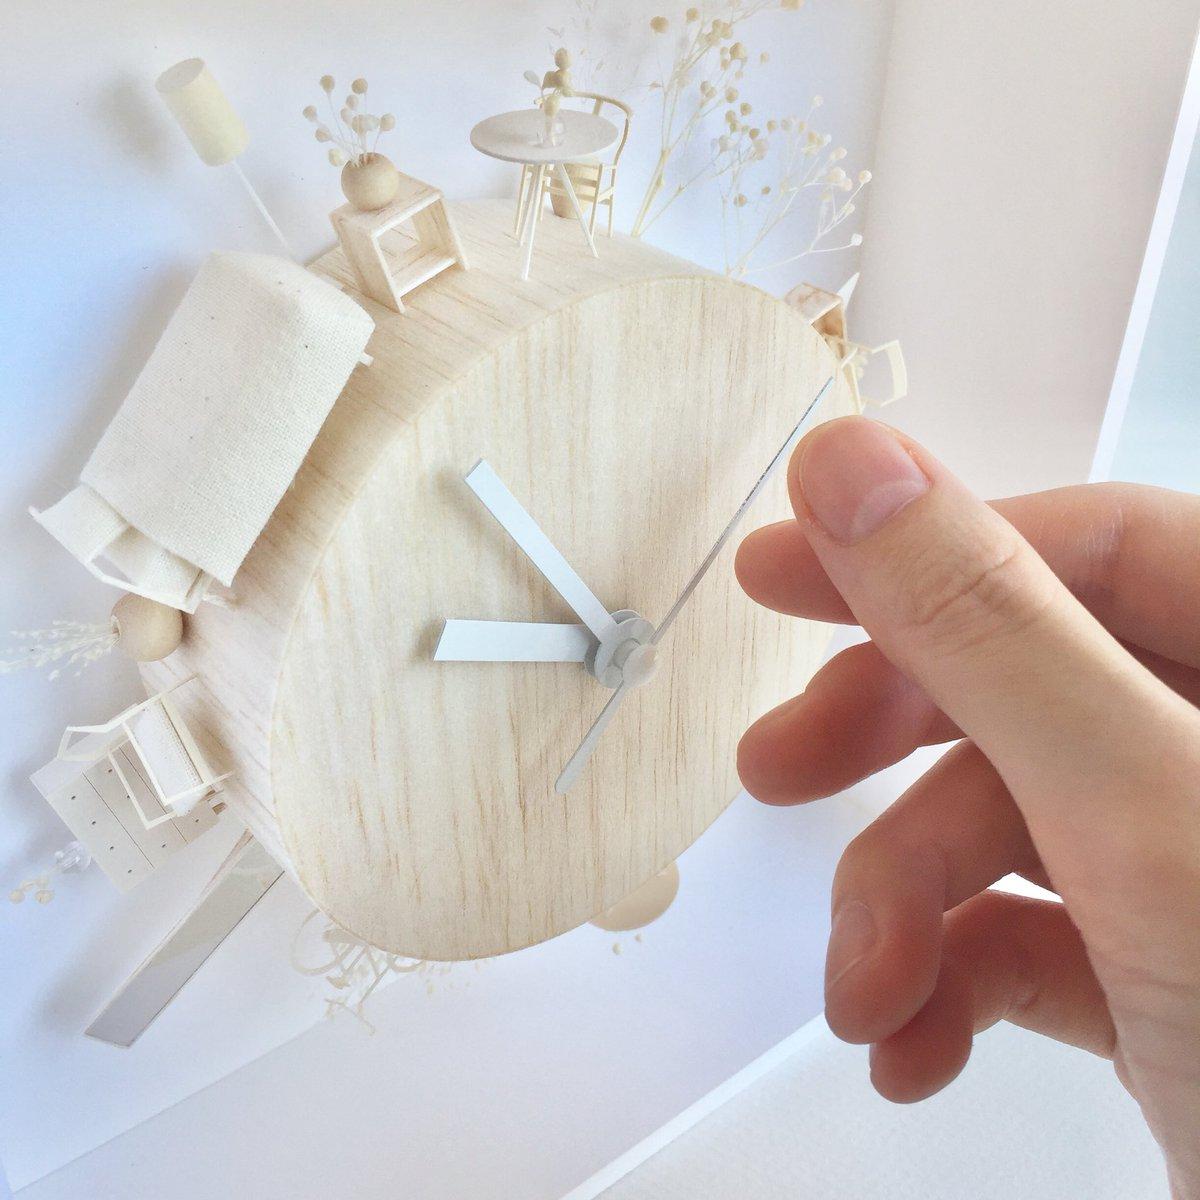 #私を布教して〈建築模型をショーアップ〉を目標に空間構成とか模型製作をしていますʕʘ‿ʘʔ    ジオラマやドールハウスとどう違うかって話をもっと上手にできたらいいなと日々思っています